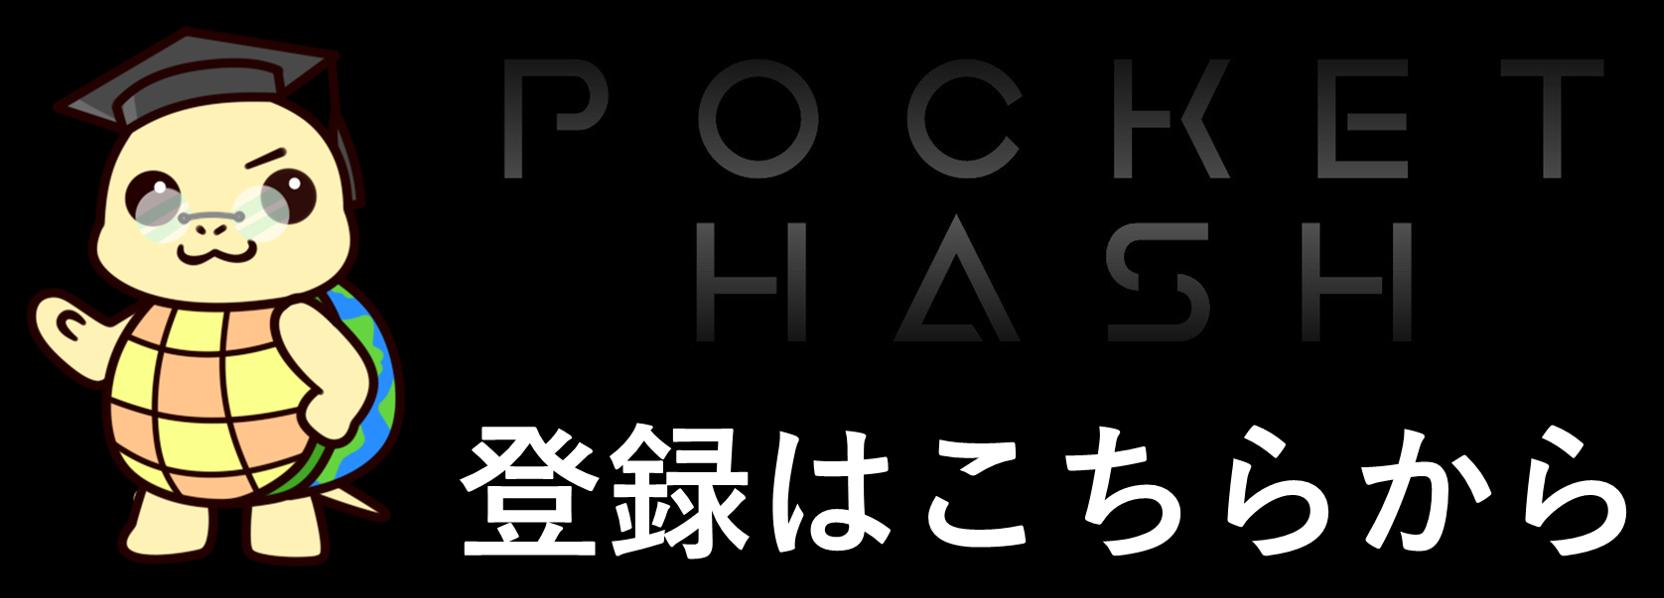 ハッシュ ポケット